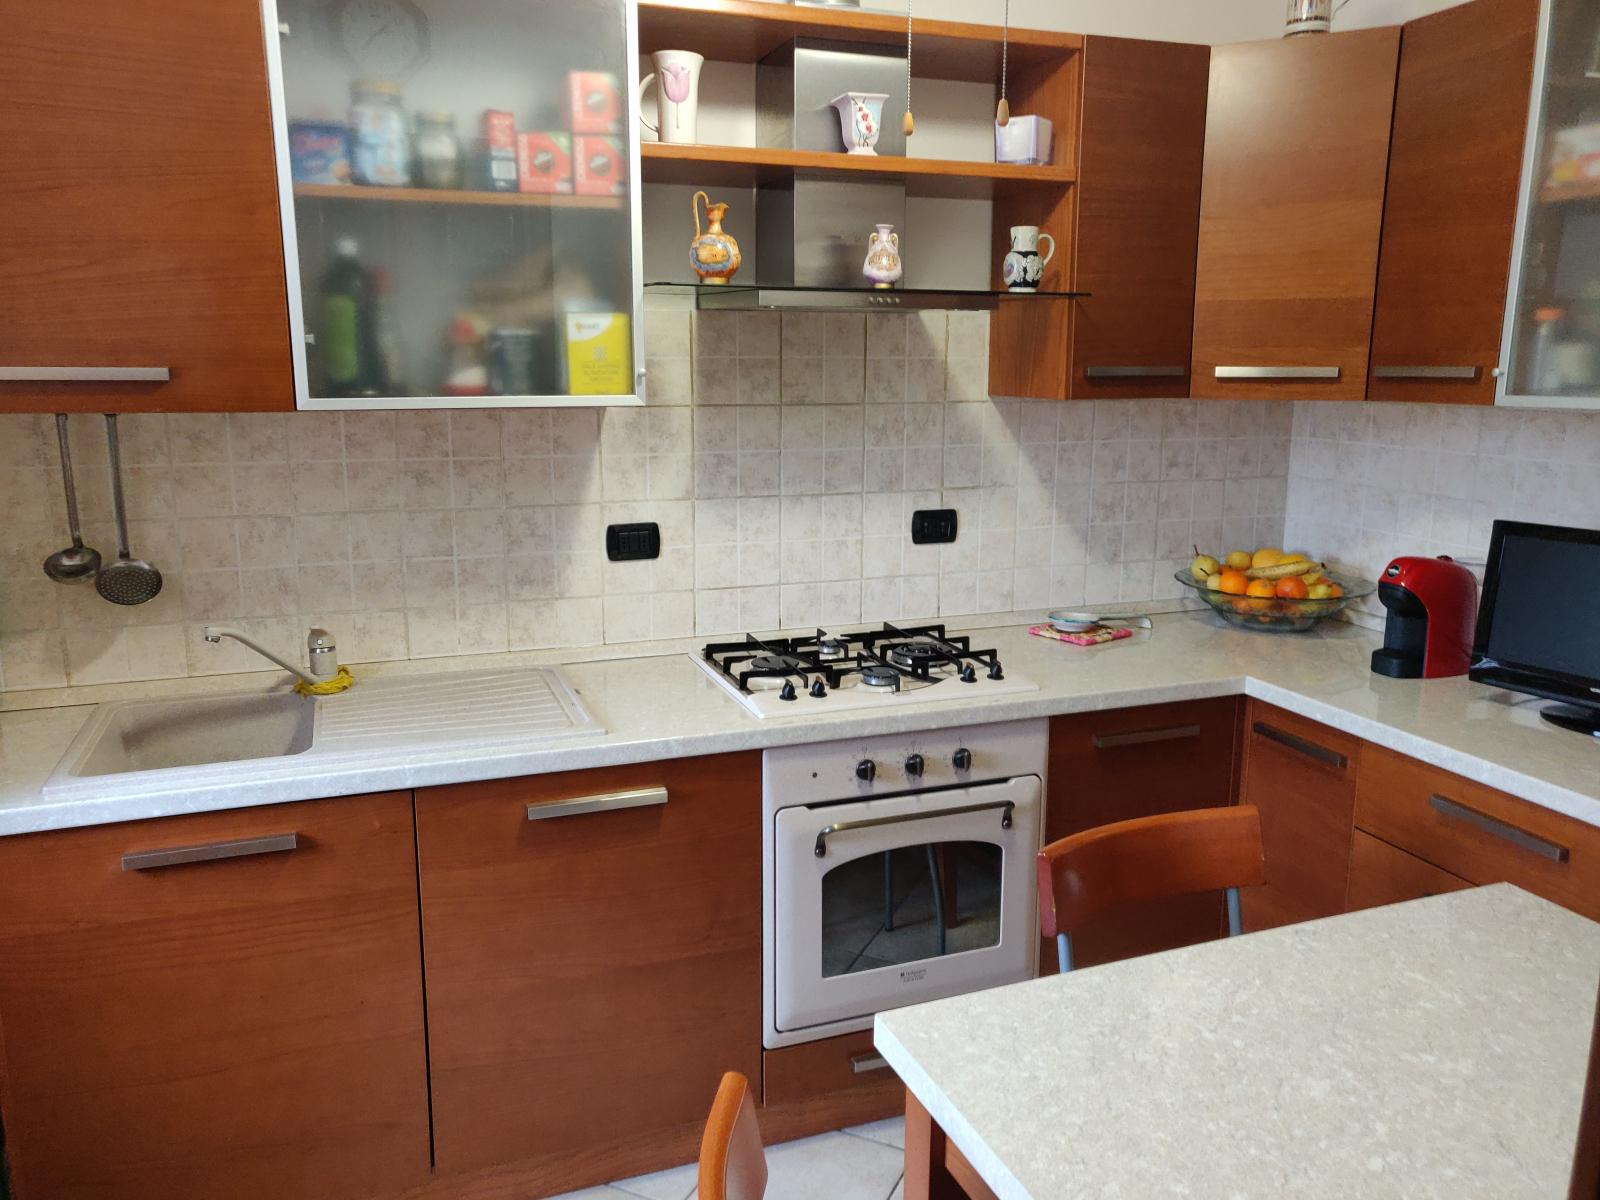 3-locali-trilocale-in-vendita-a-milano-rozzano-quinto-de-stampi-spaziourbano-immobiliare-vende-2